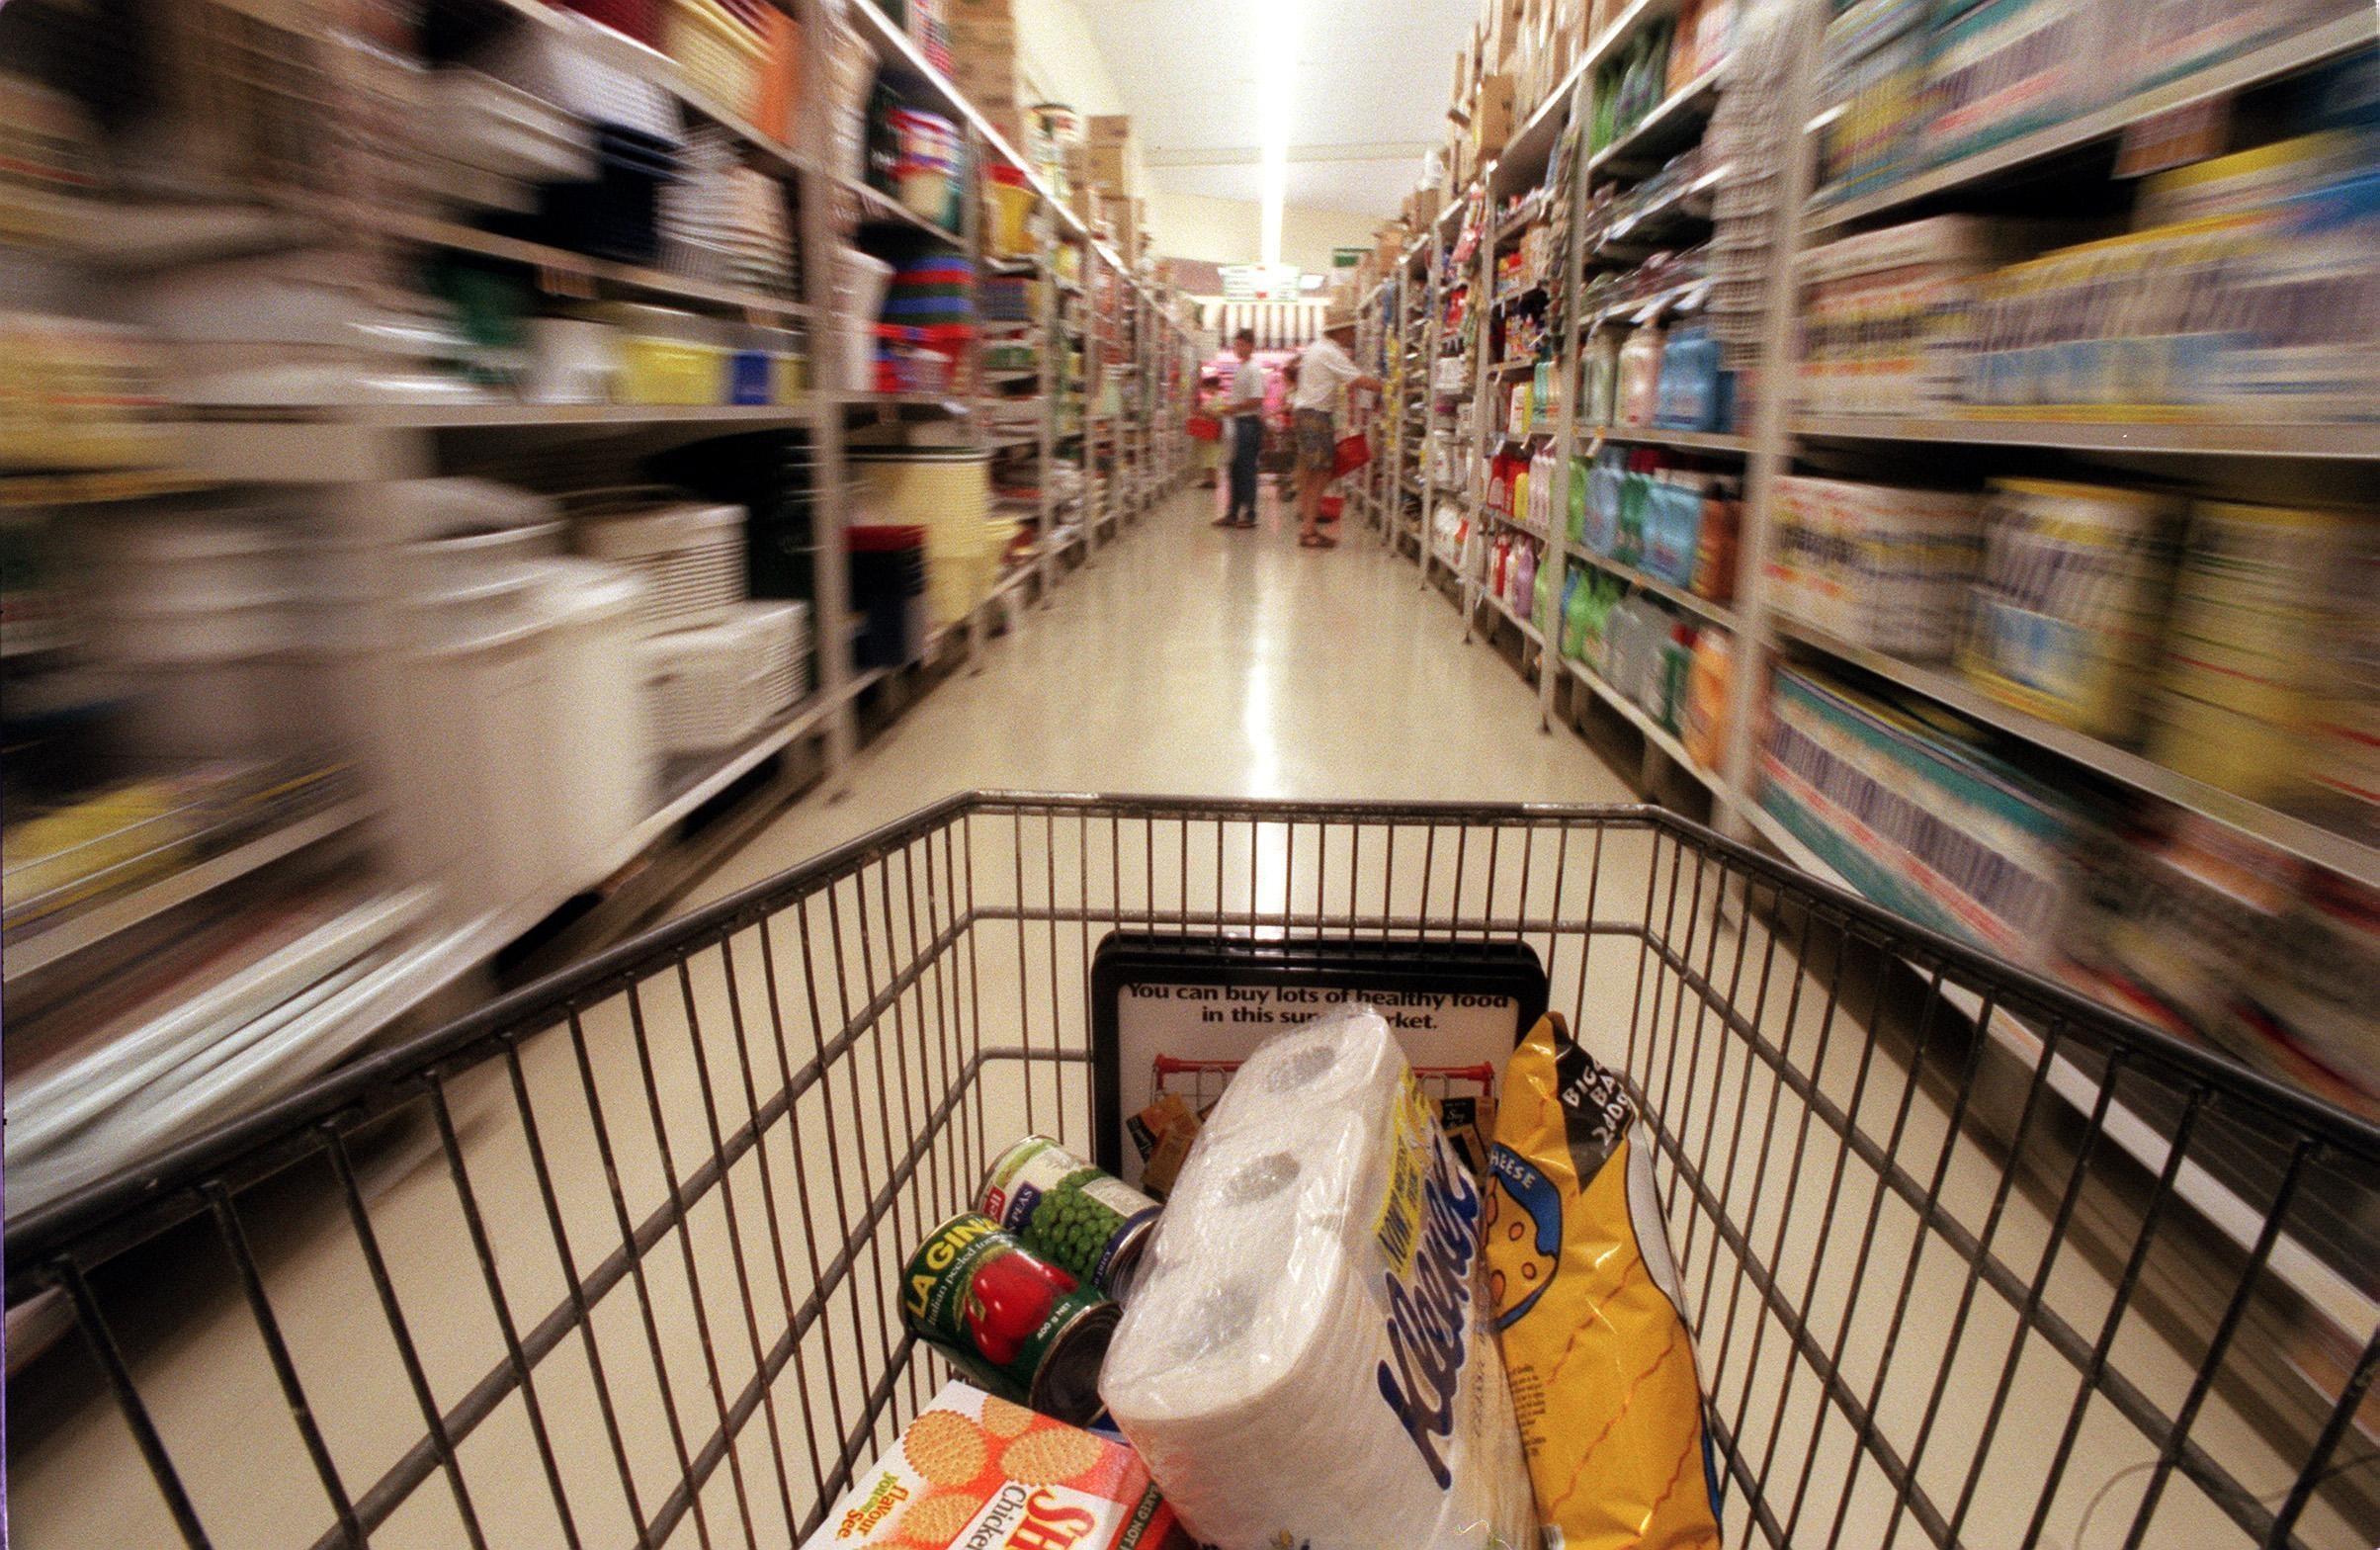 327622-indice-de-confianza-del-consumidor-alcanzaria-terreno-optimista-en-marzo